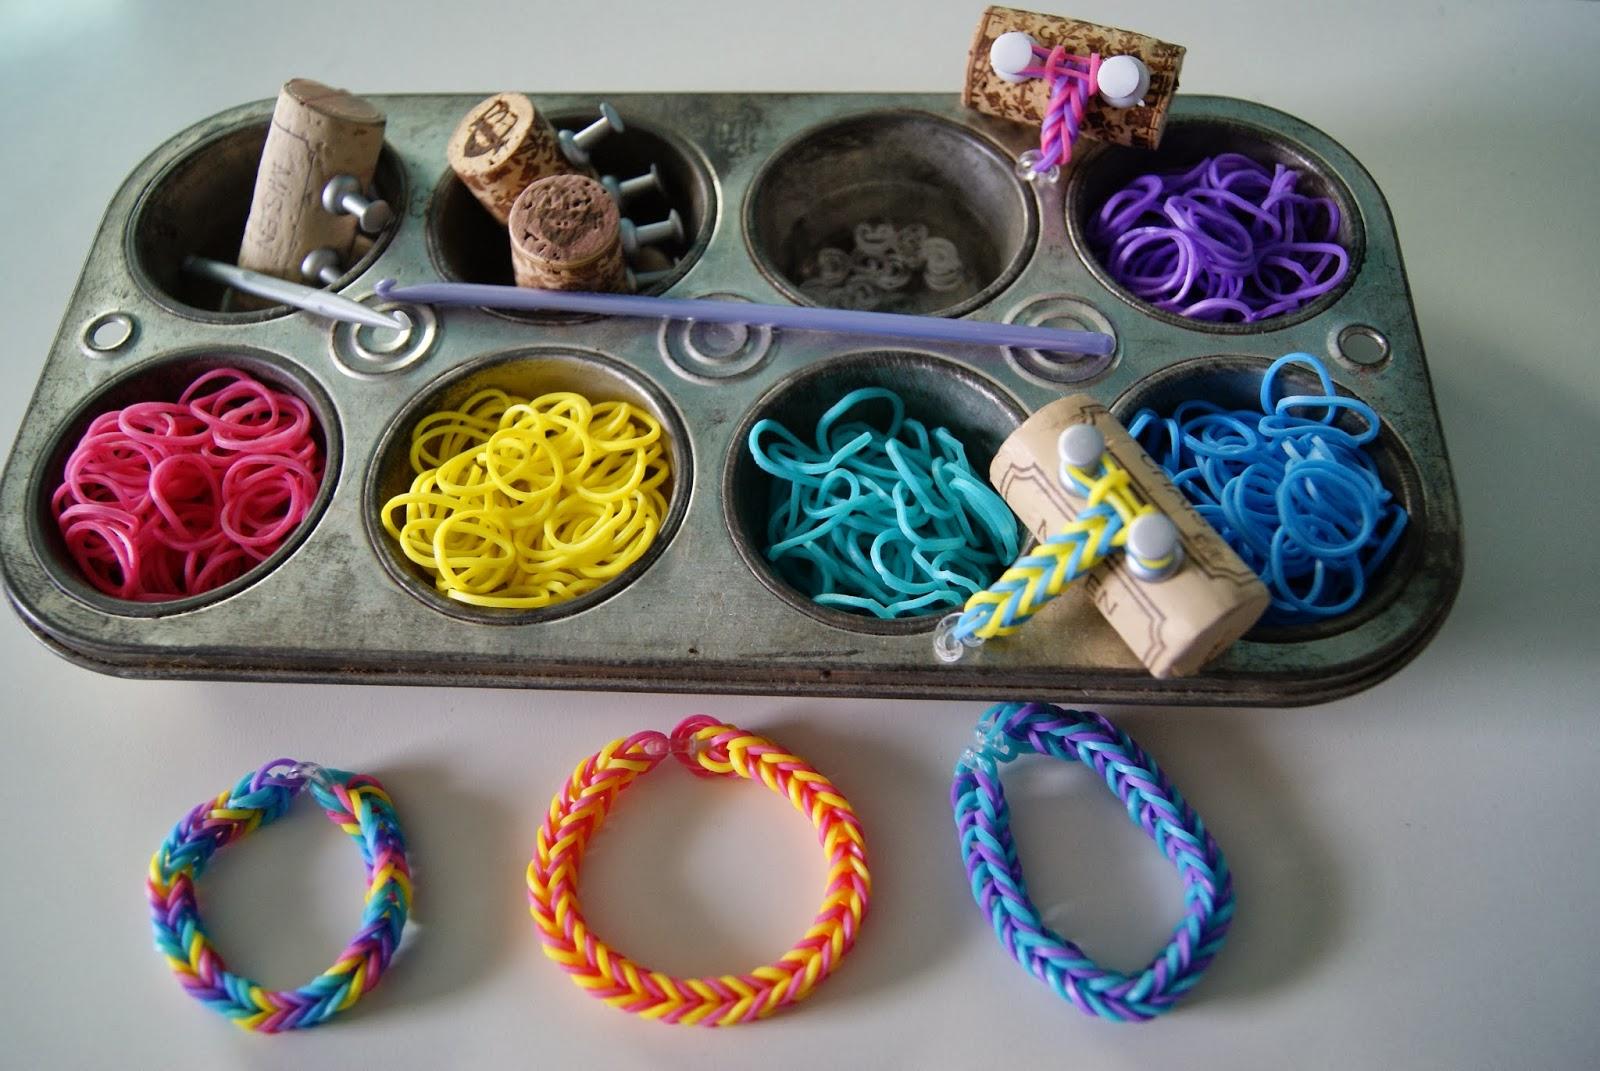 Nest Full Of Eggs Weaving Rubber Band Bracelets